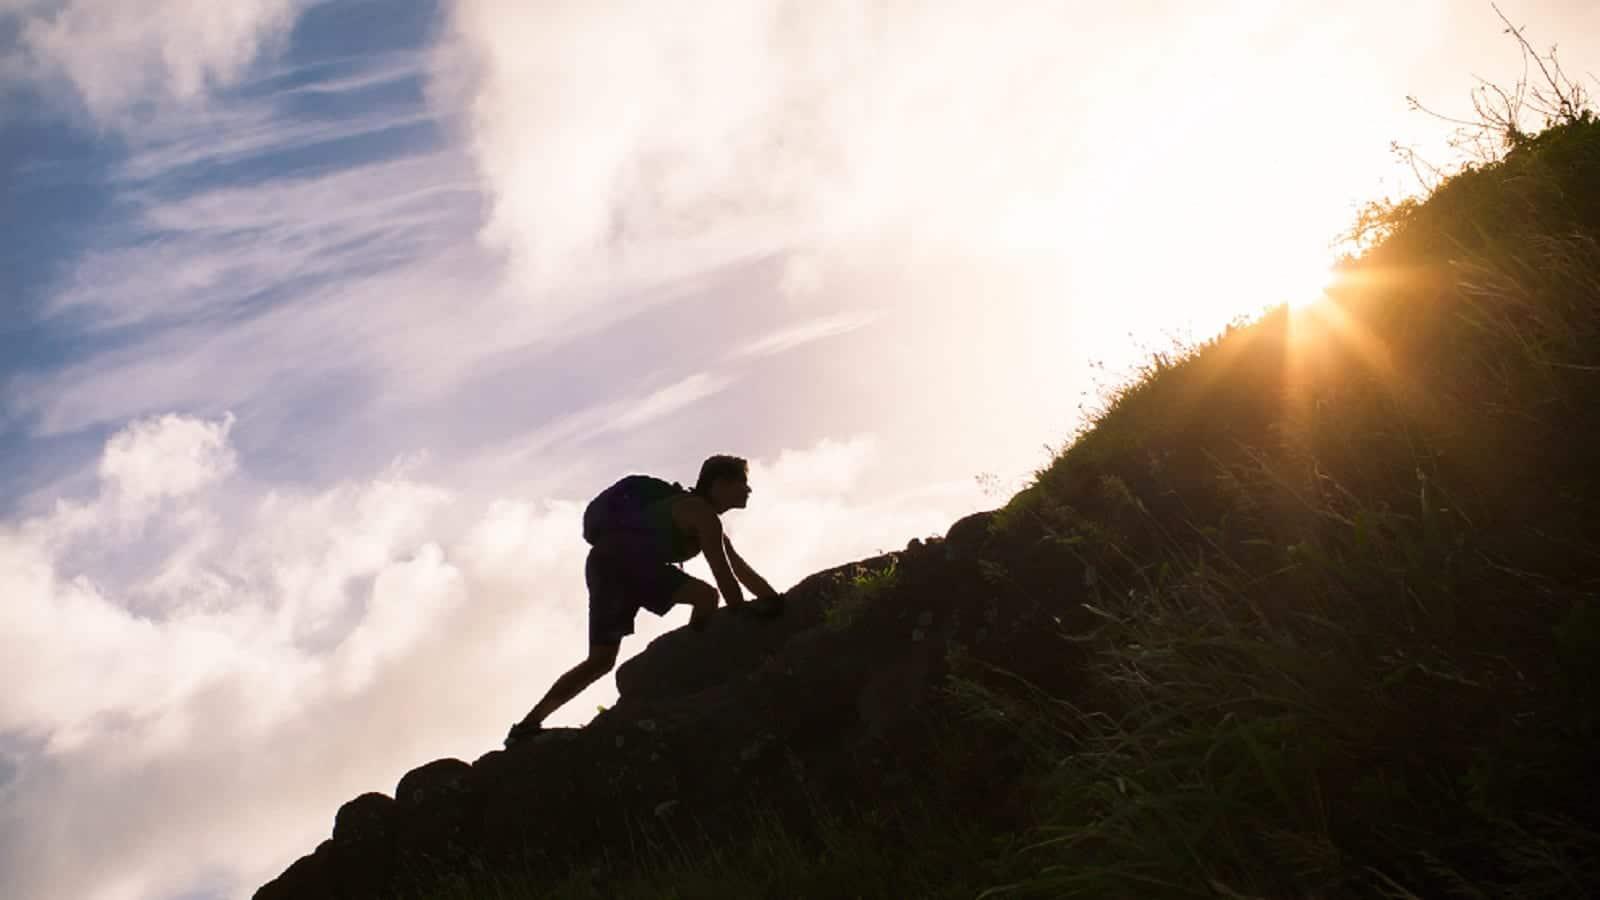 Young Man Climbing A Steep Mountain Stock Photo